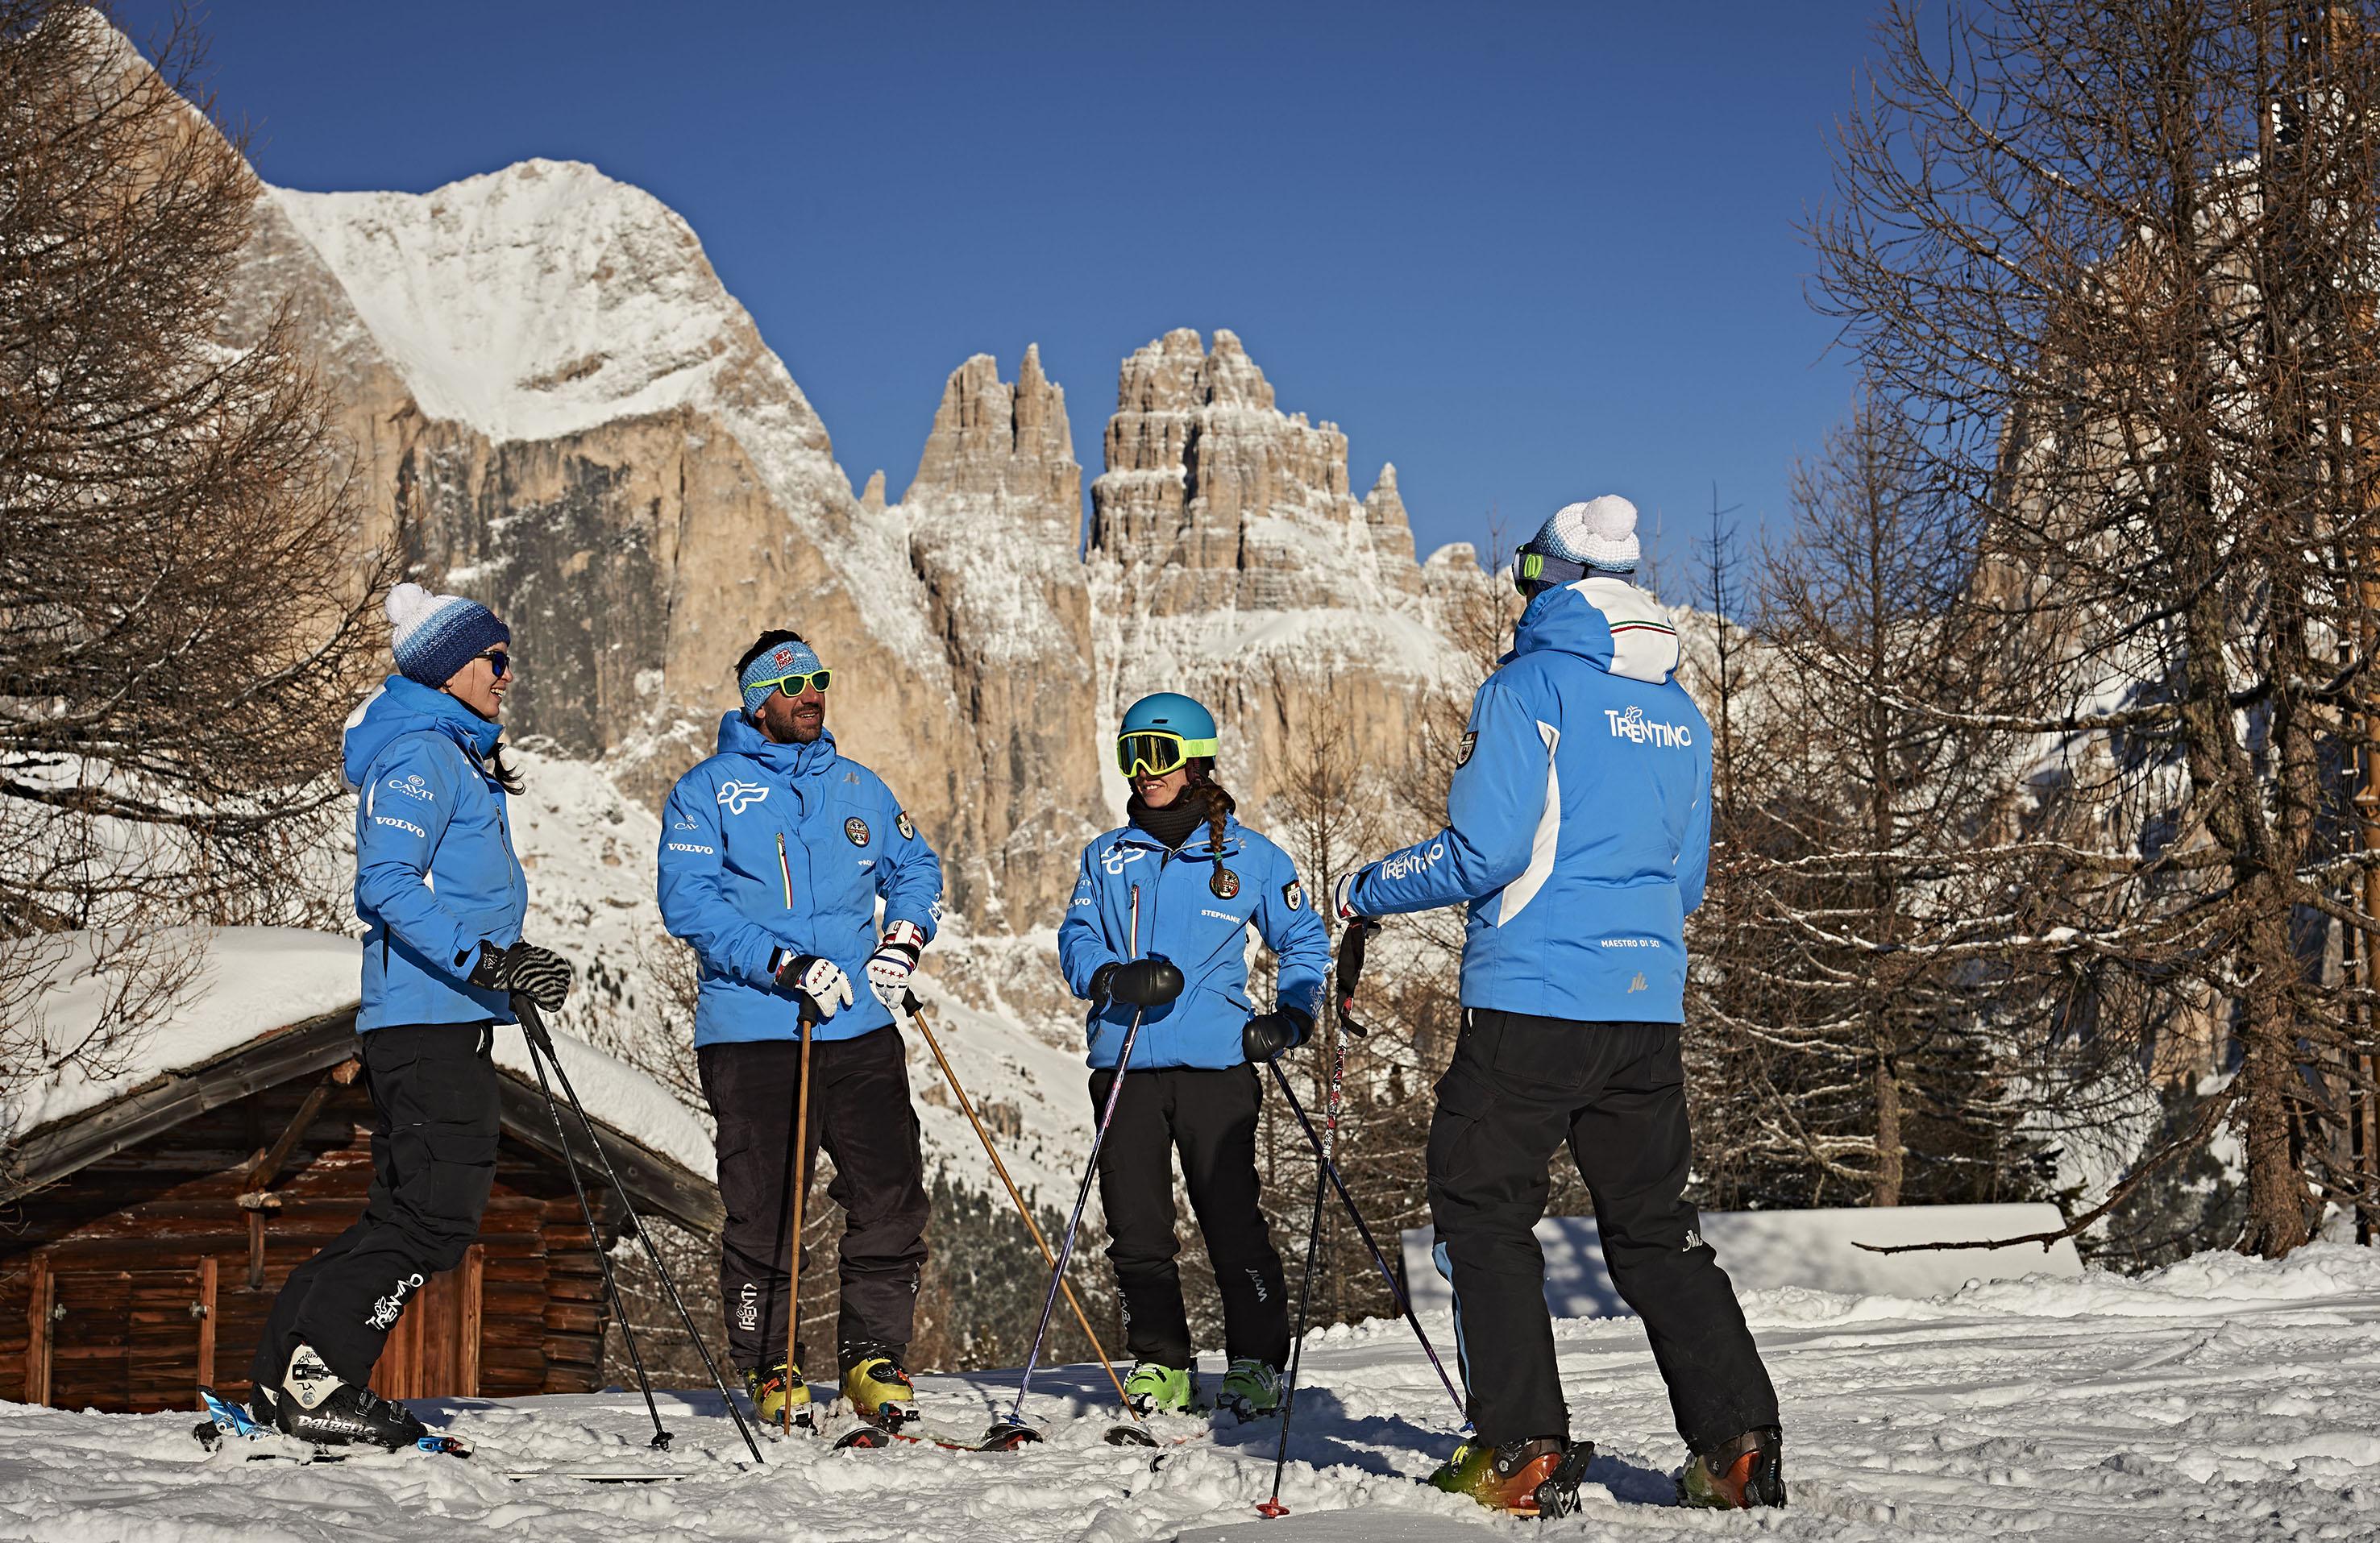 ski_instructors_in_val_di_fassa_daniele_montigiani